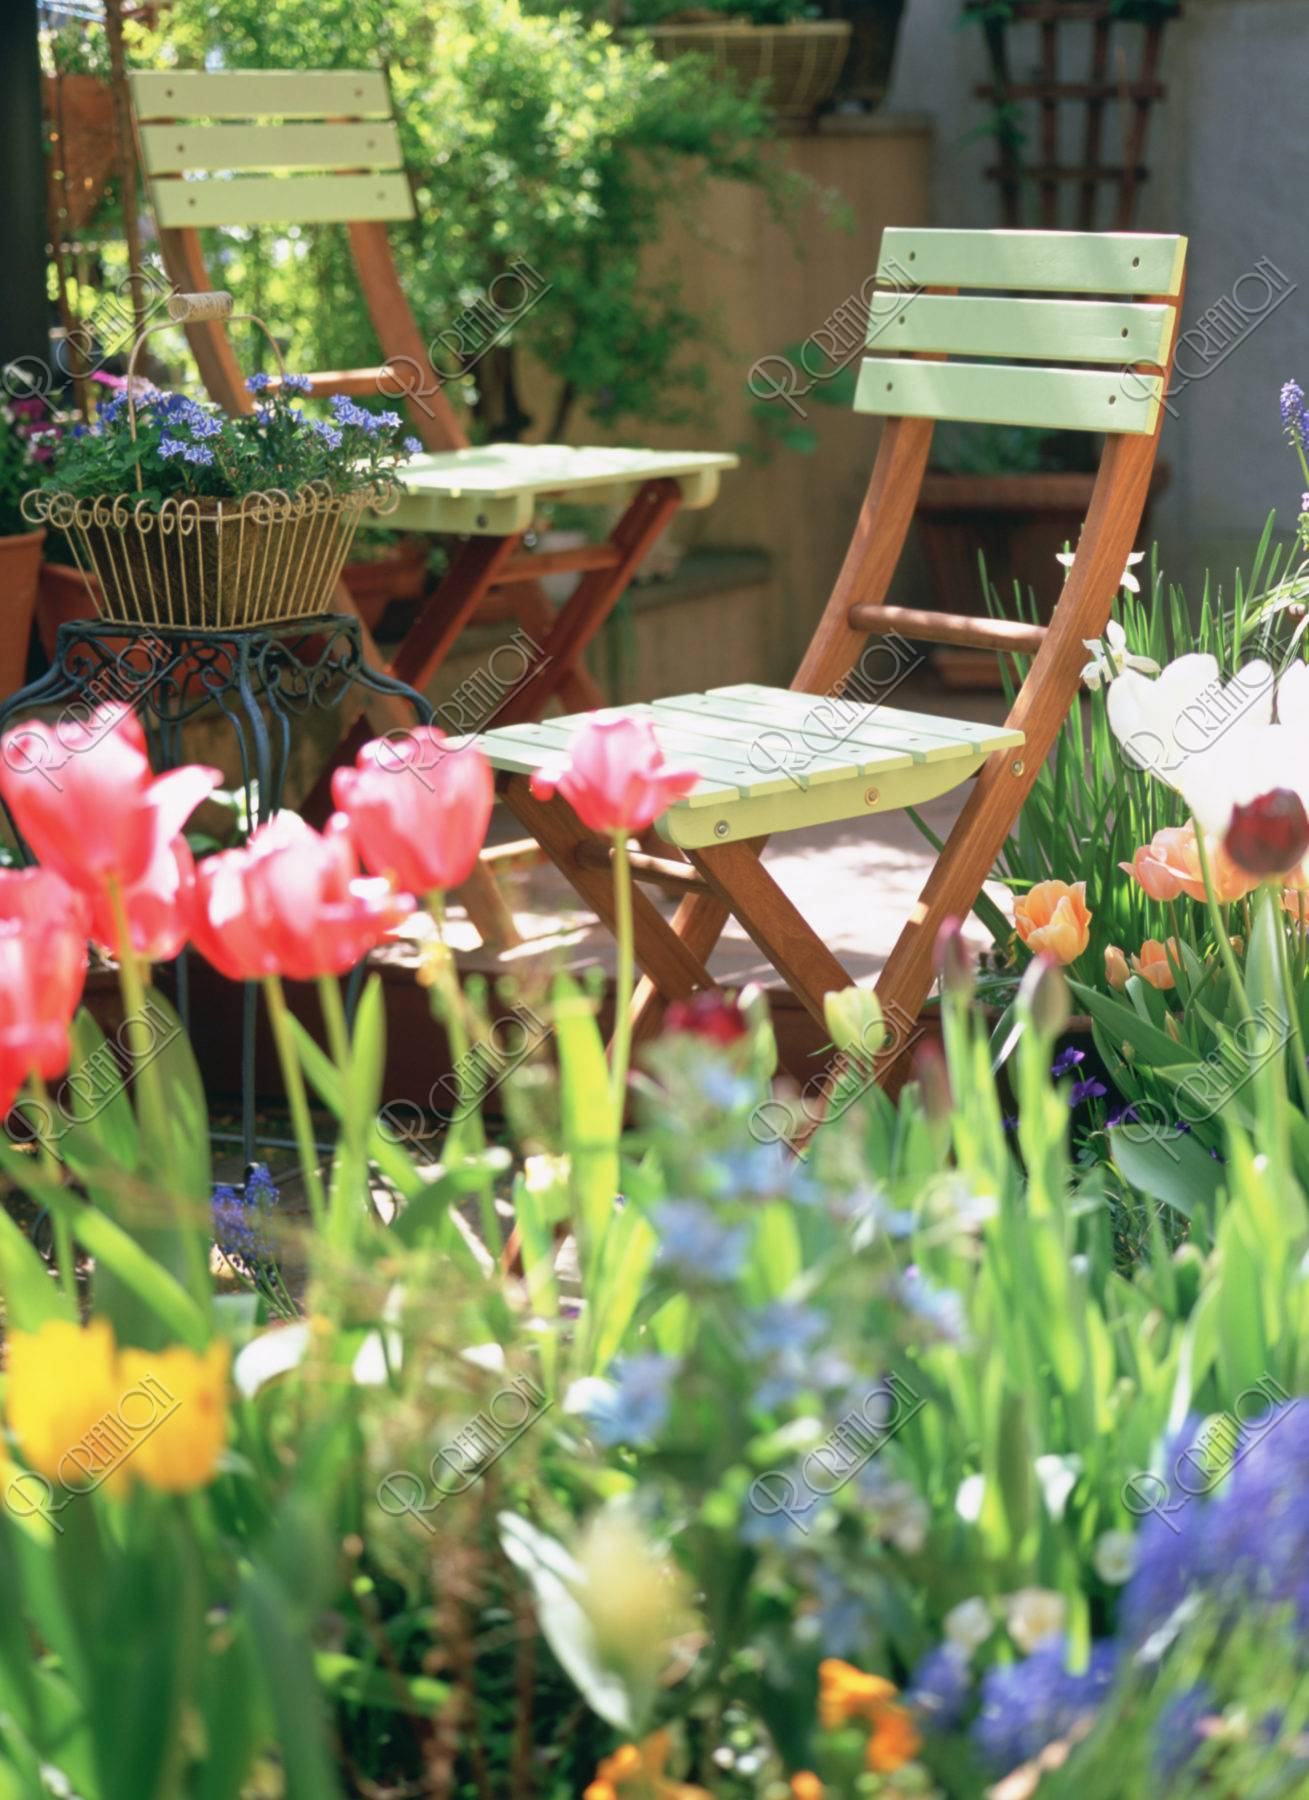 花壇とガーデンチェアー